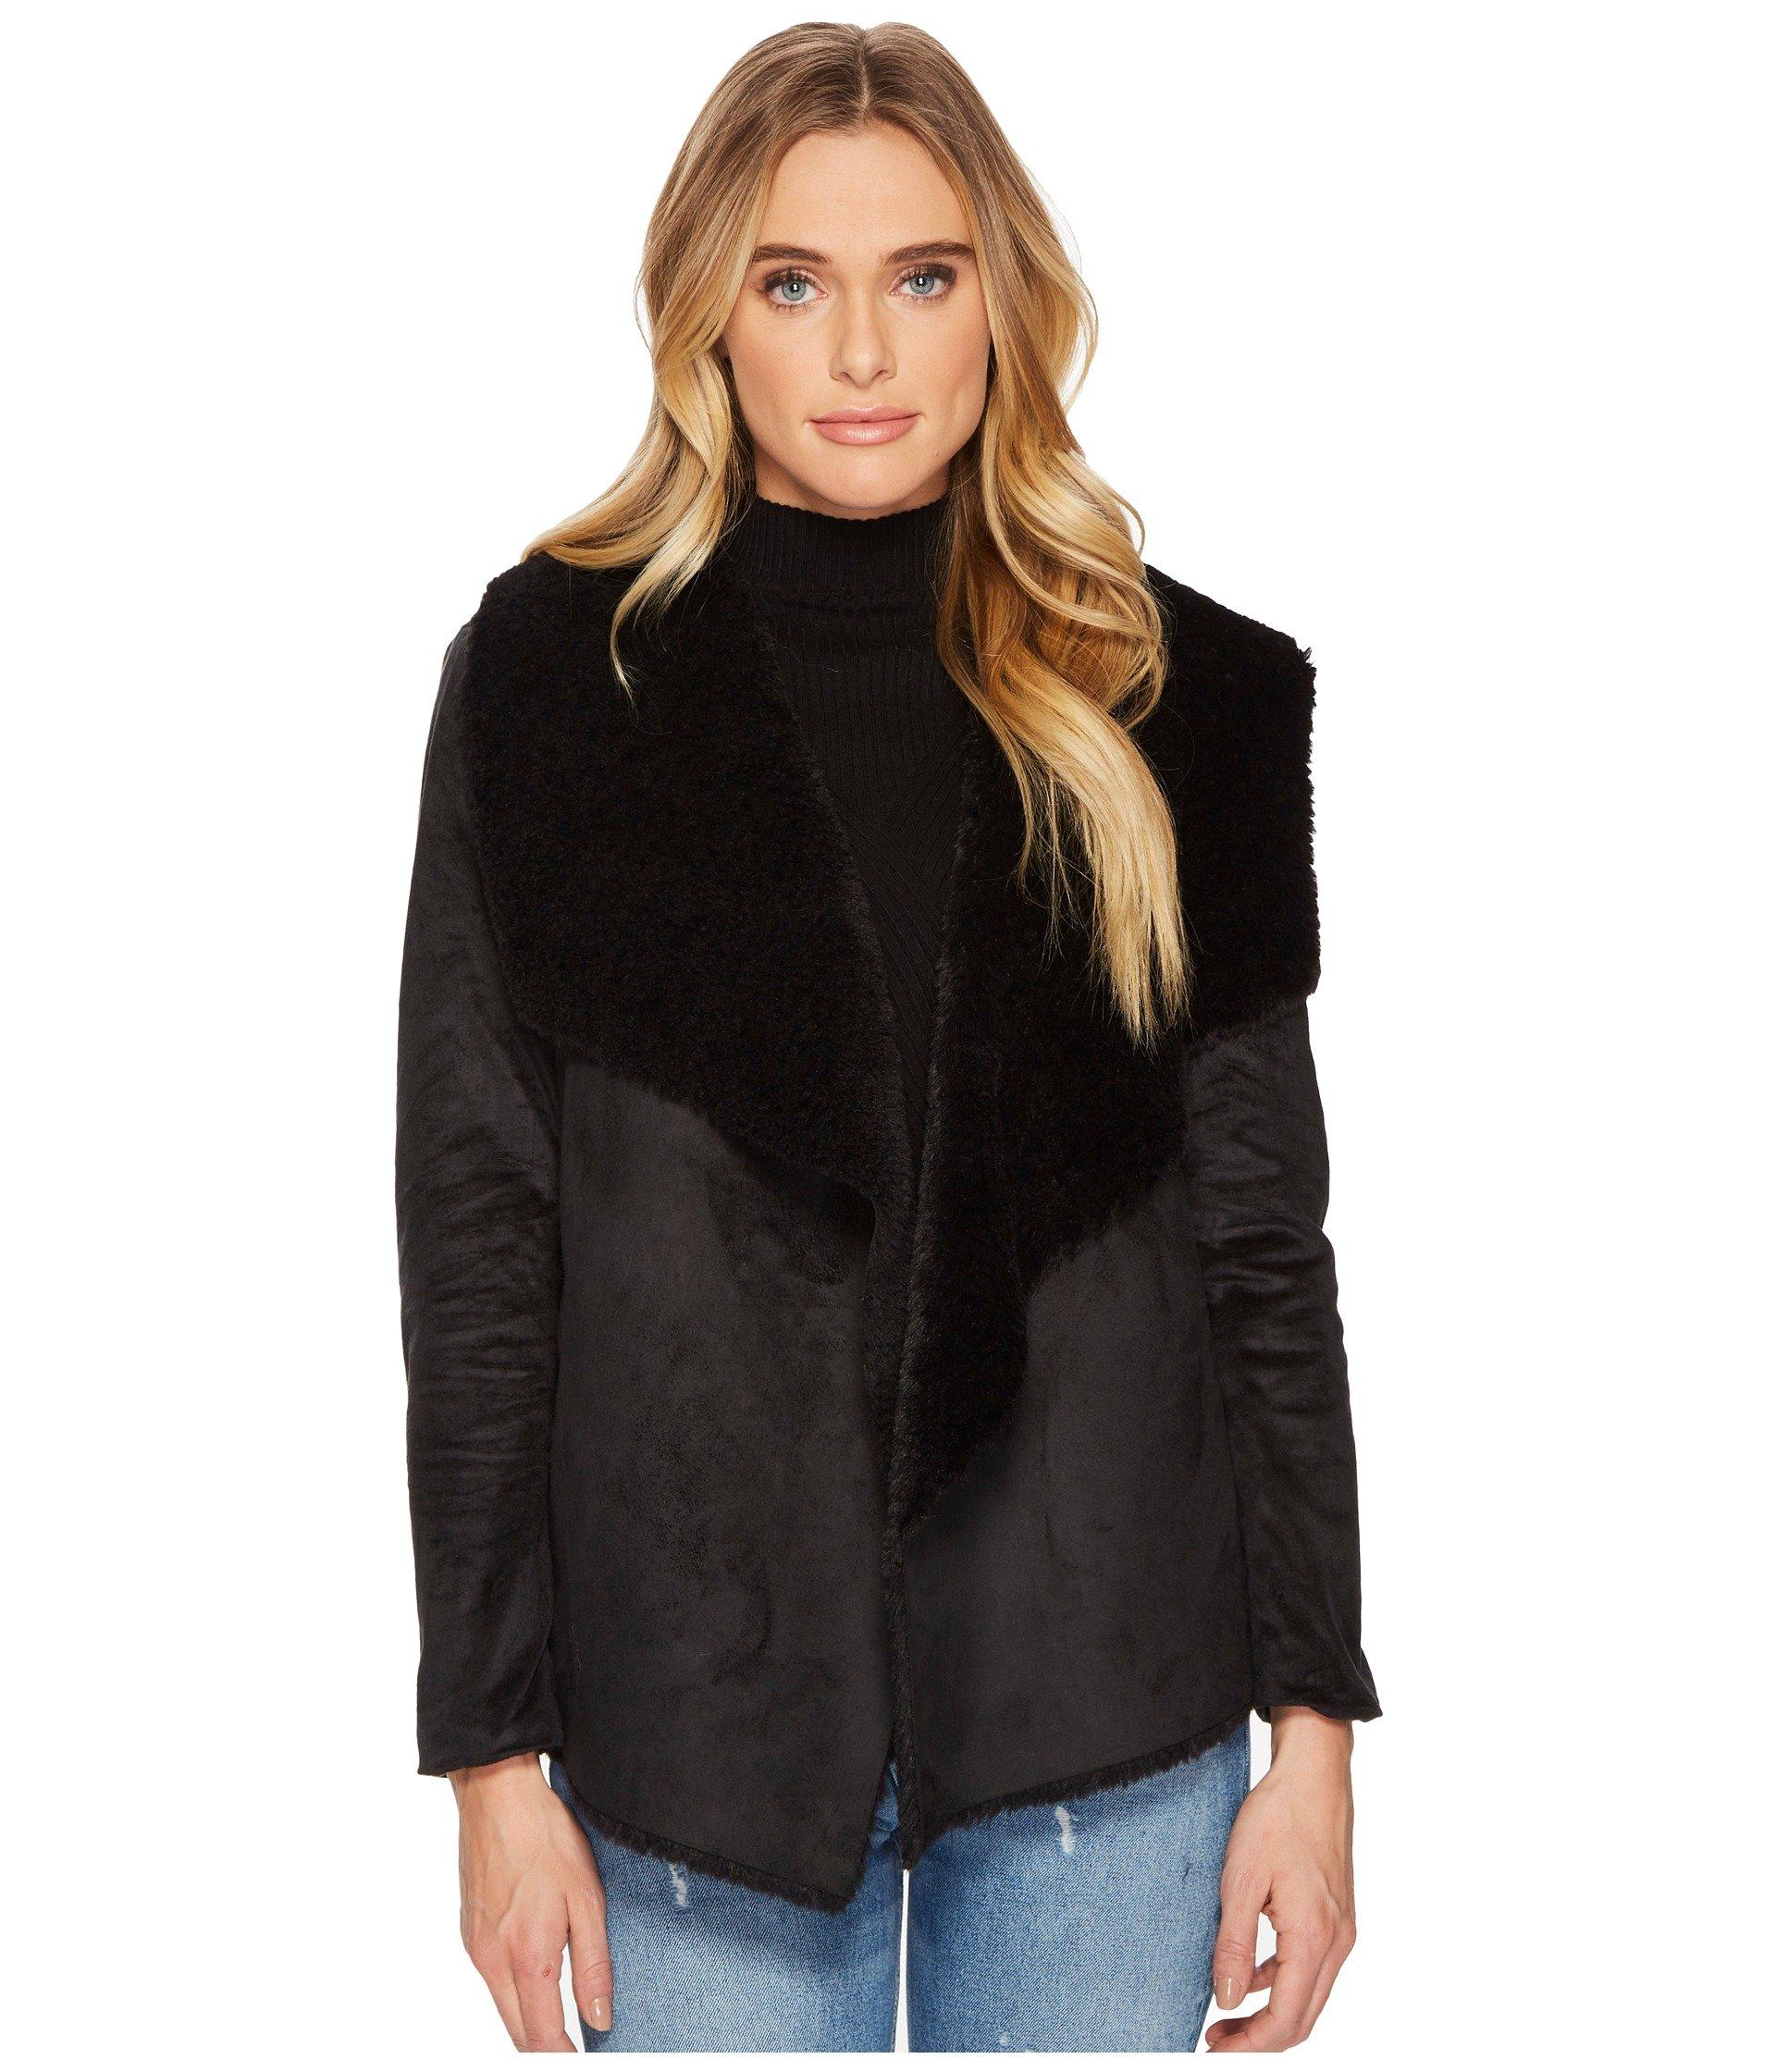 Benette Faux Suede Sherling Jacket